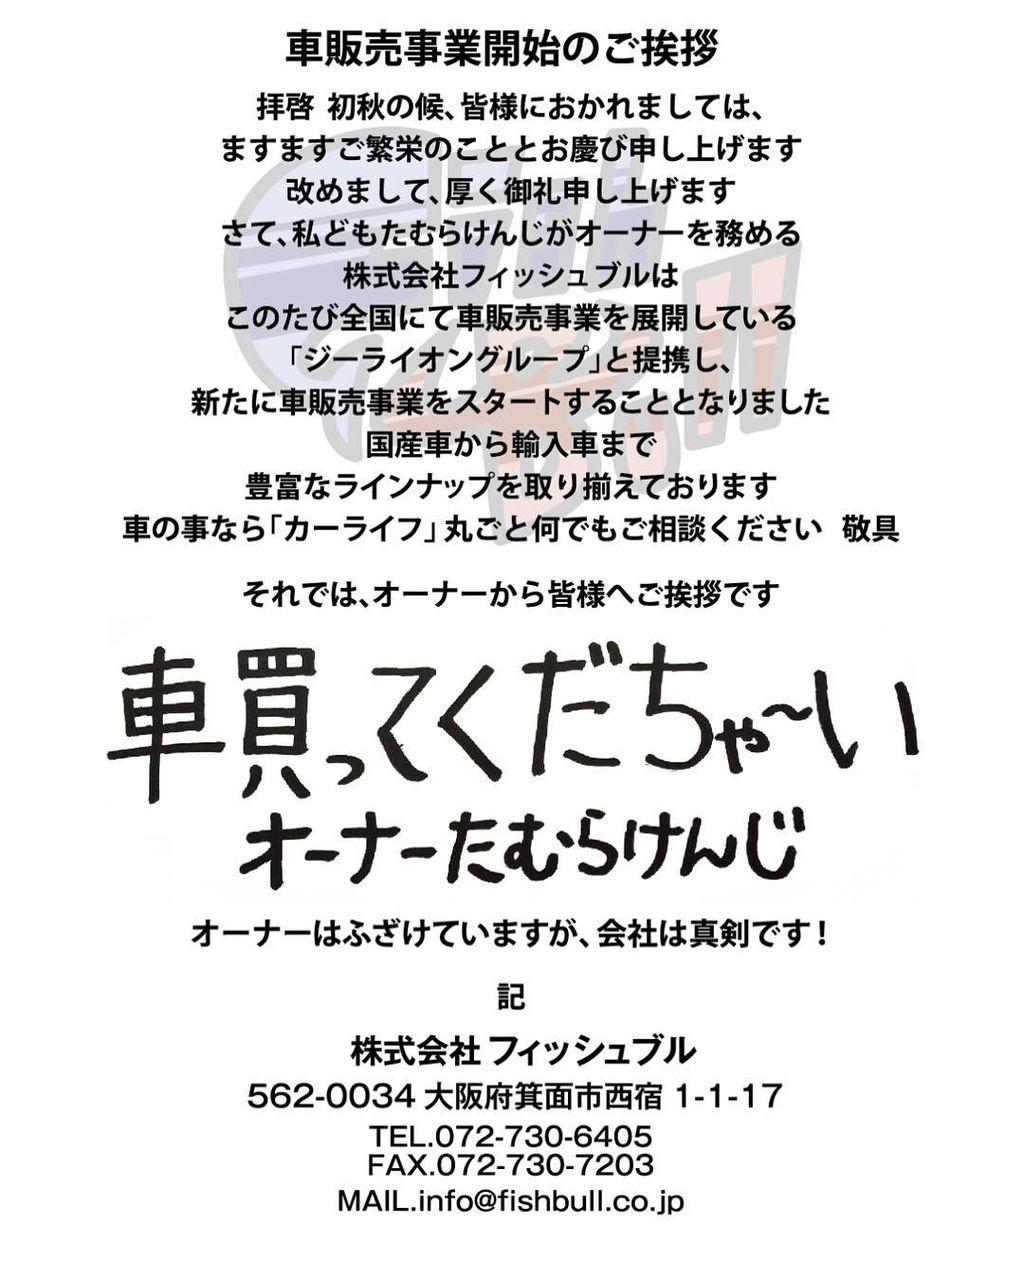 【画像あり】 NMB48次世代エース太田夢莉、須藤凜々花が語る「最近のNMBって真面目」【NMB48】